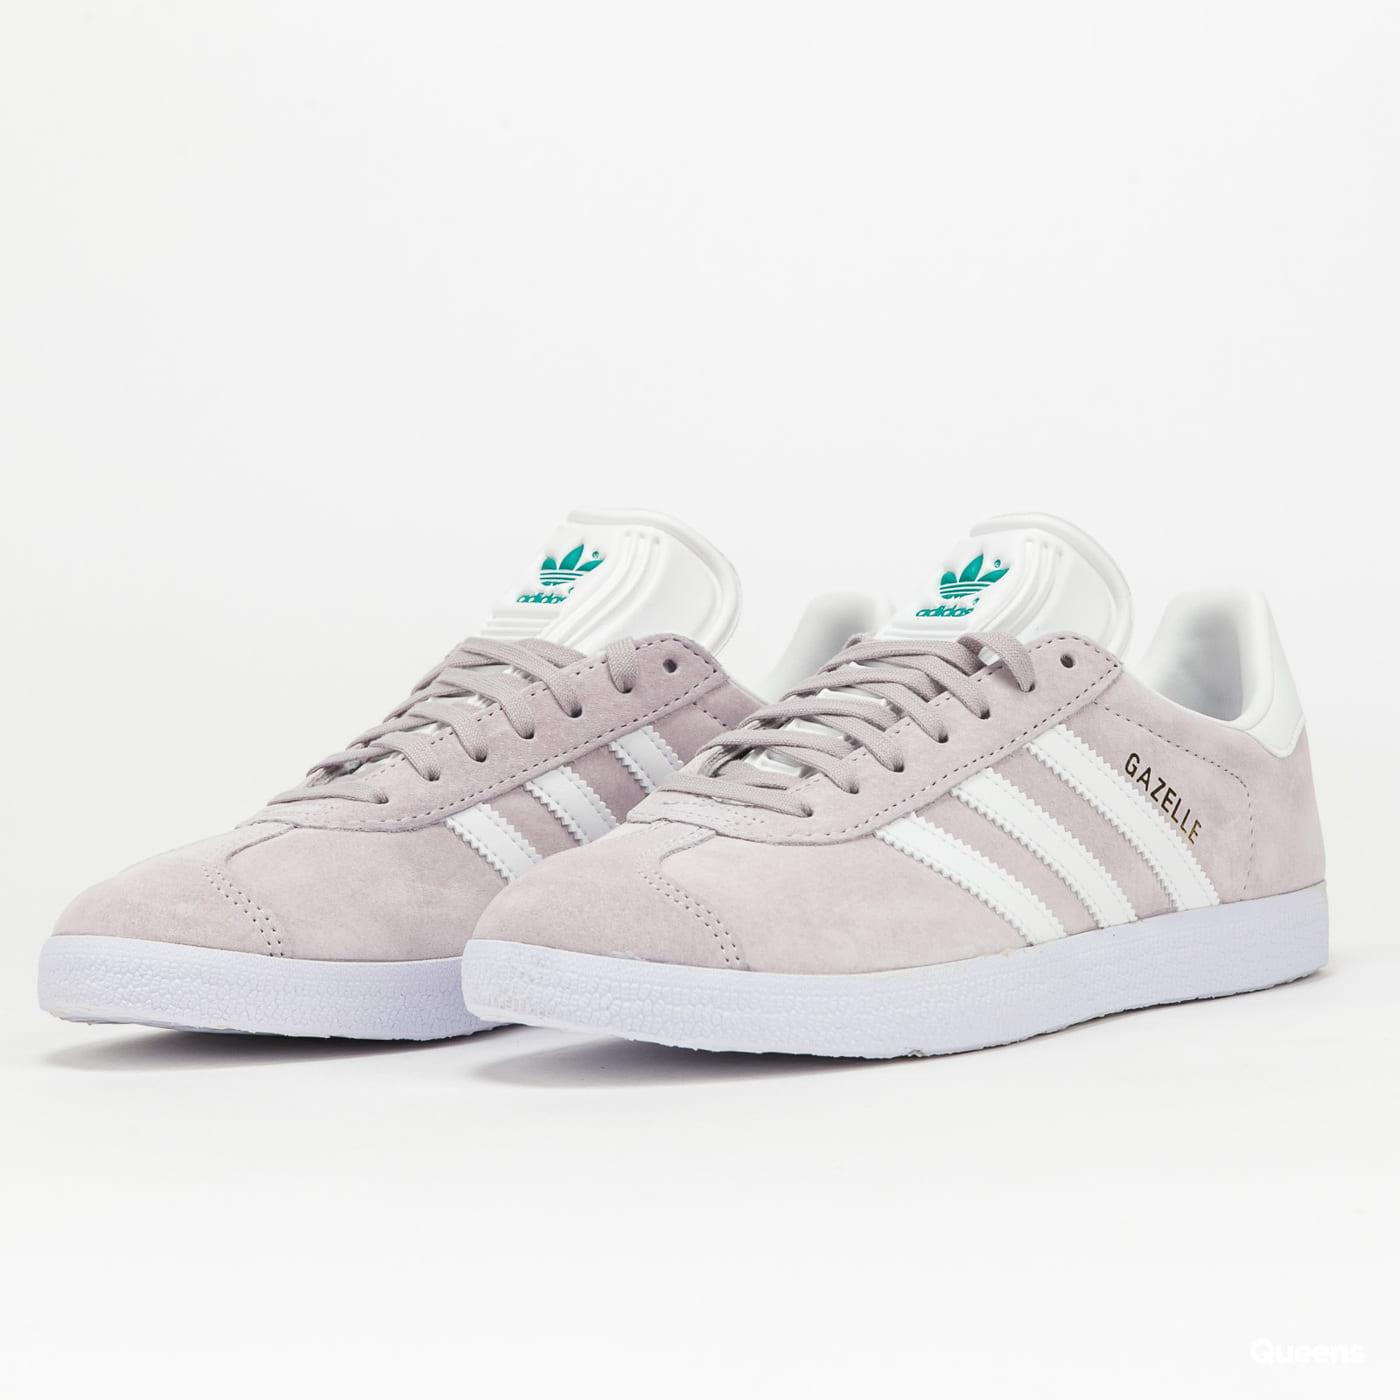 adidas Originals Gazelle W prptnt / ftwwht / glrgrn